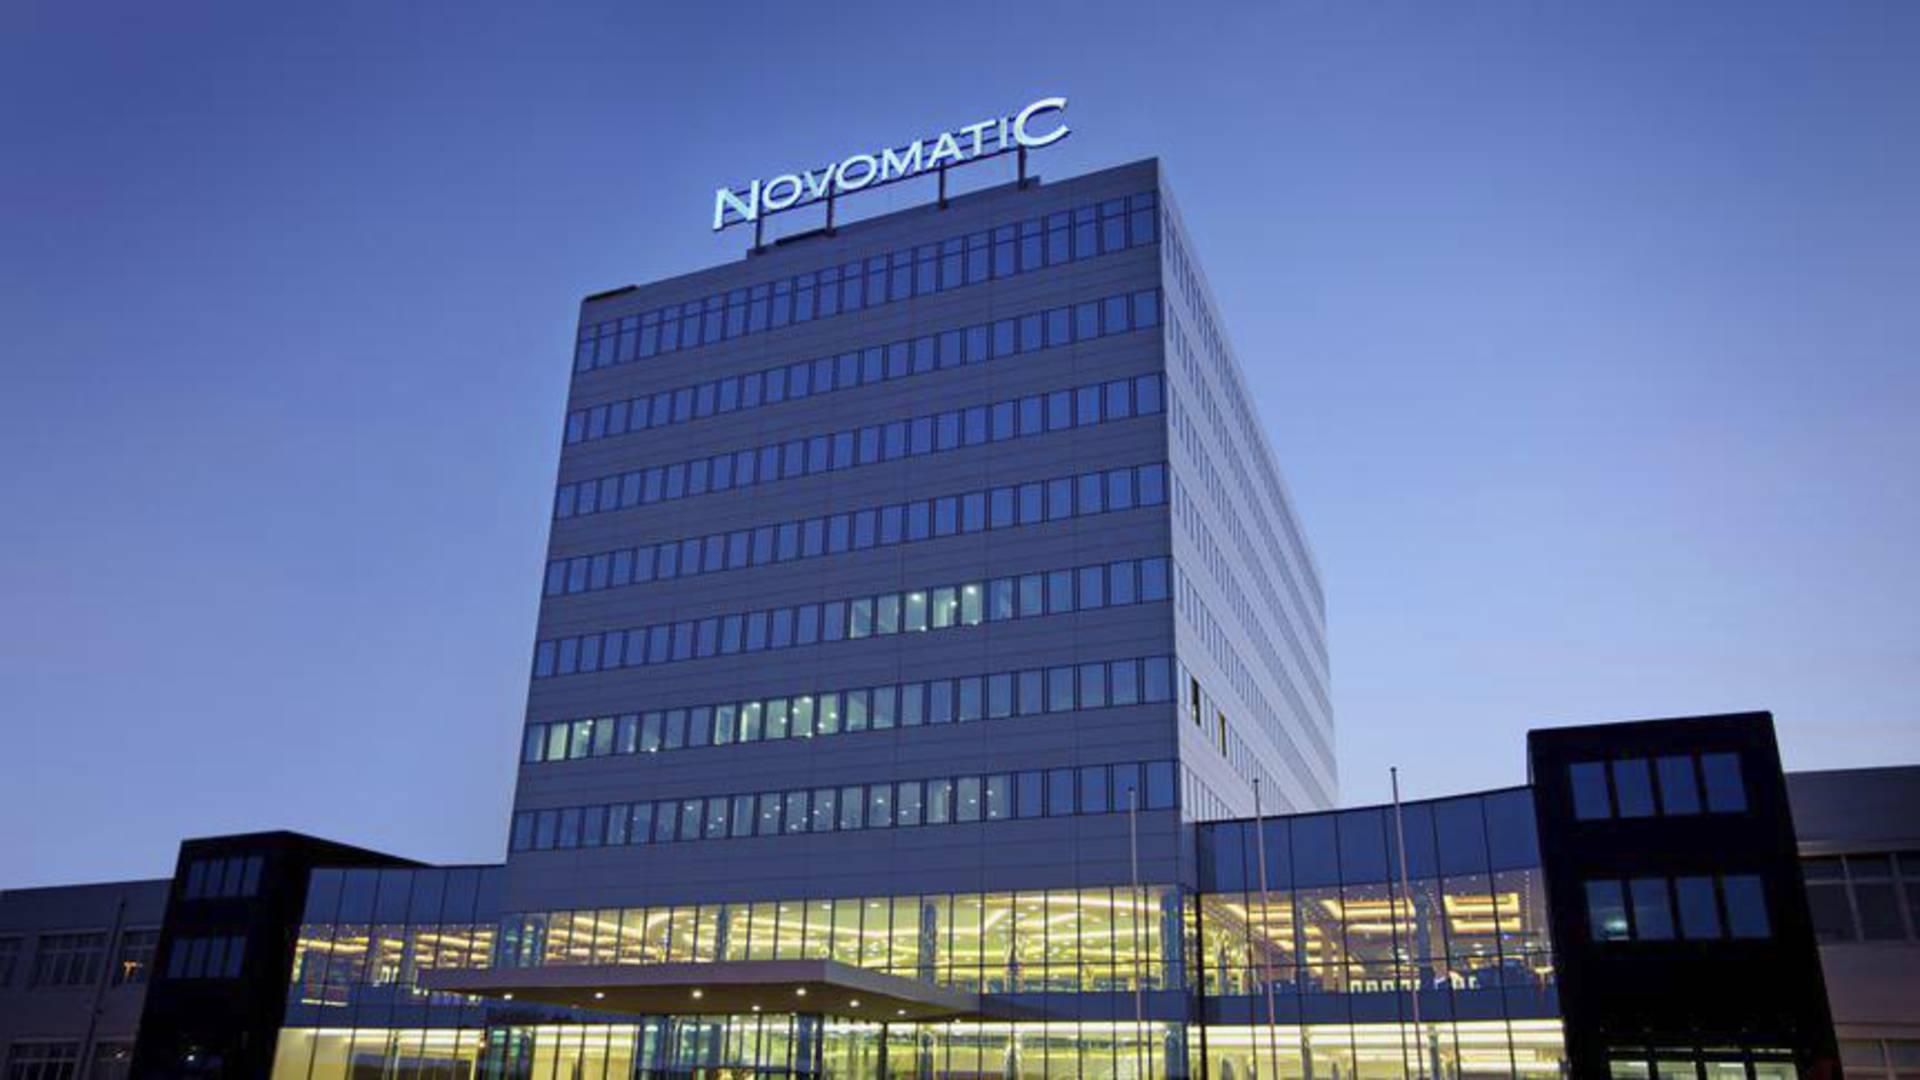 Hauptgebäude der Novomatic-Gruppe in Österreich